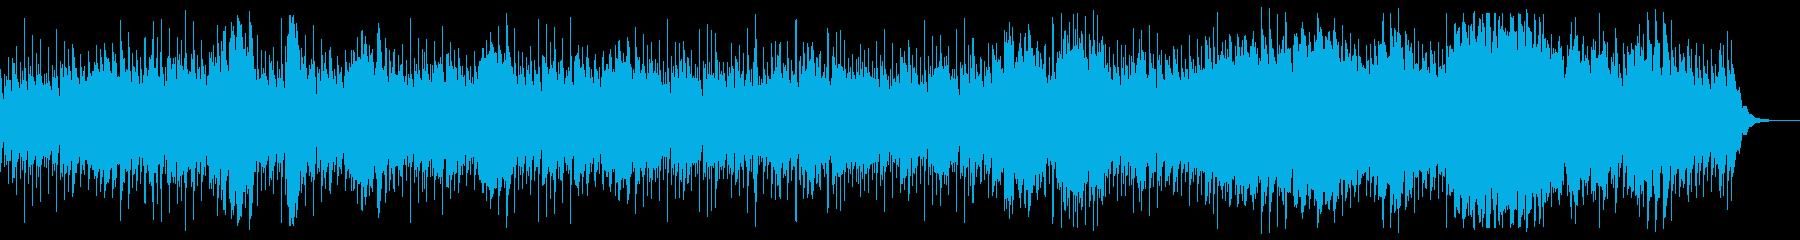 Unknown Seaの再生済みの波形